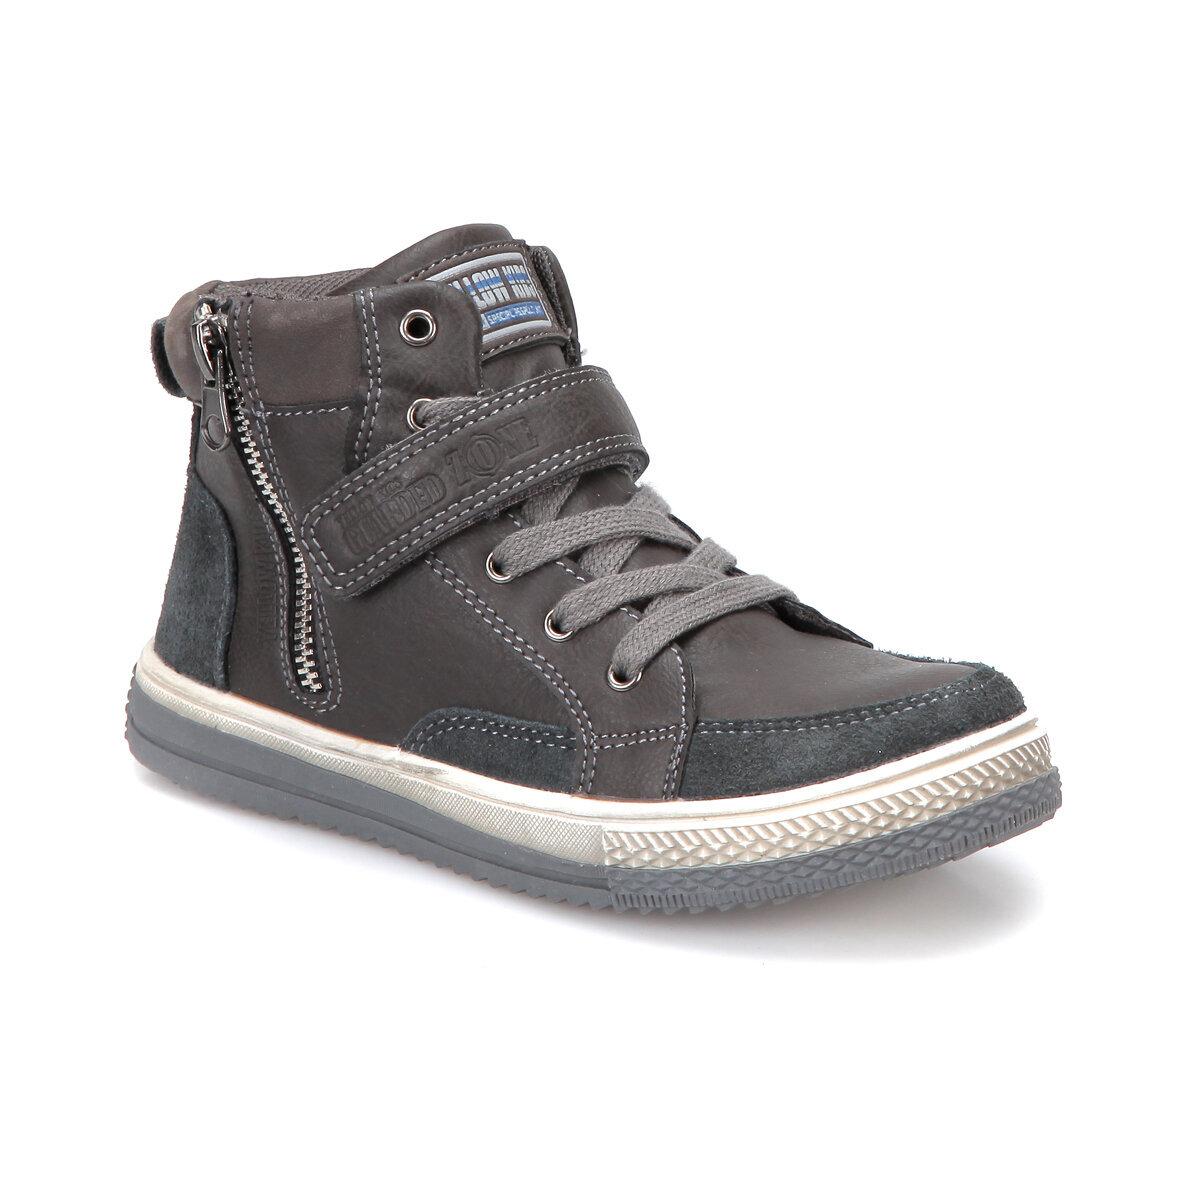 GRI Erkek Çocuk Sneaker Ayakkabı 171-033